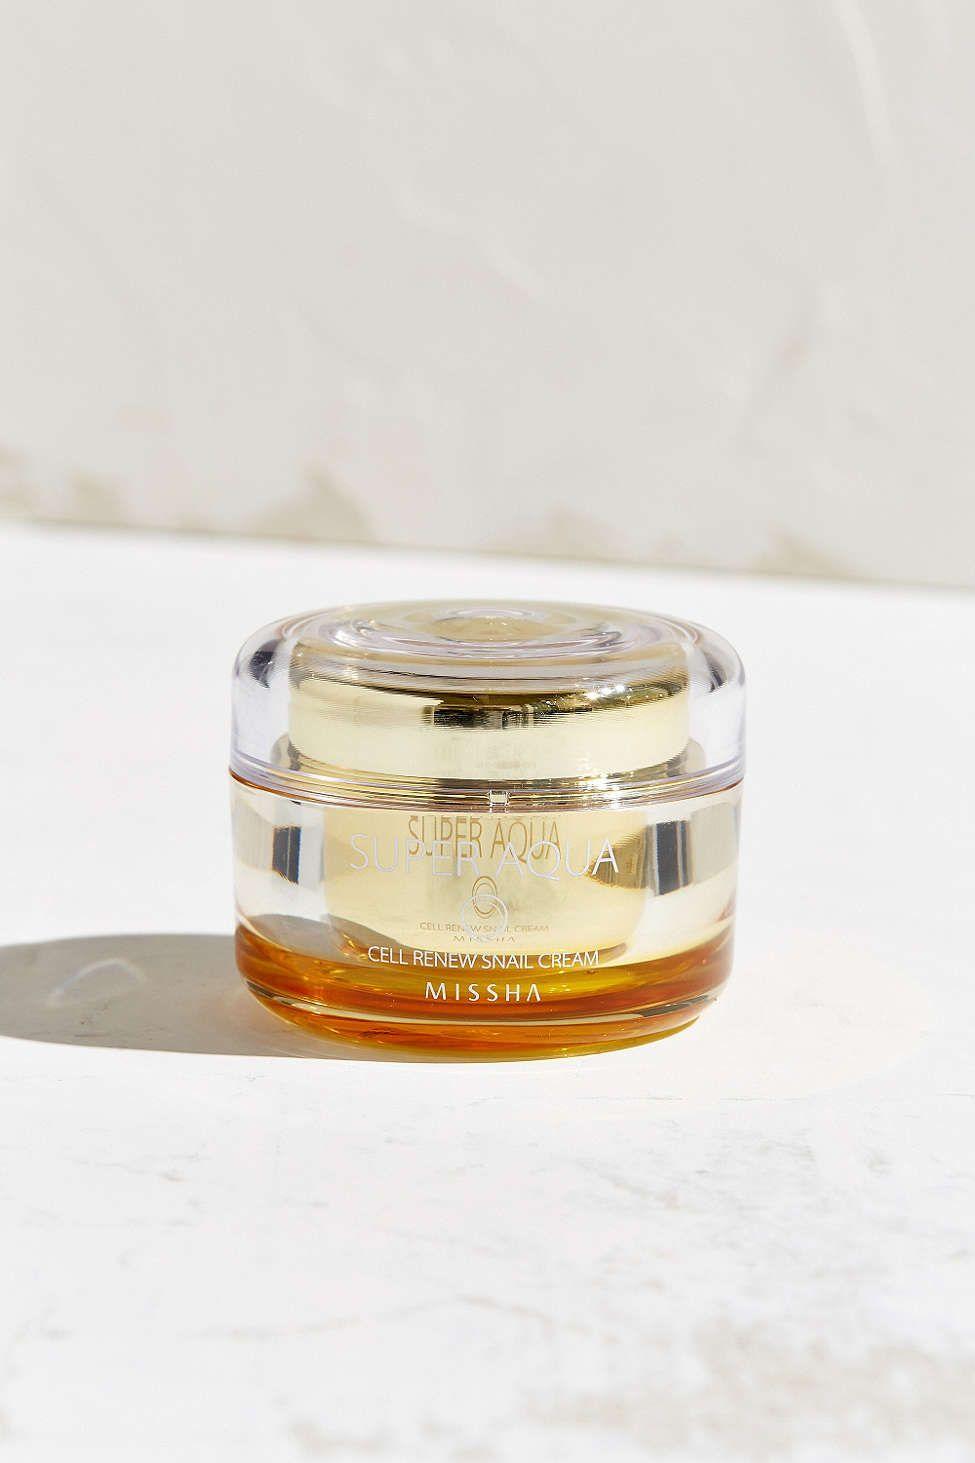 Missha Super Aqua Cell Renew Snail Cream Snail Cream Missha Repair Cream